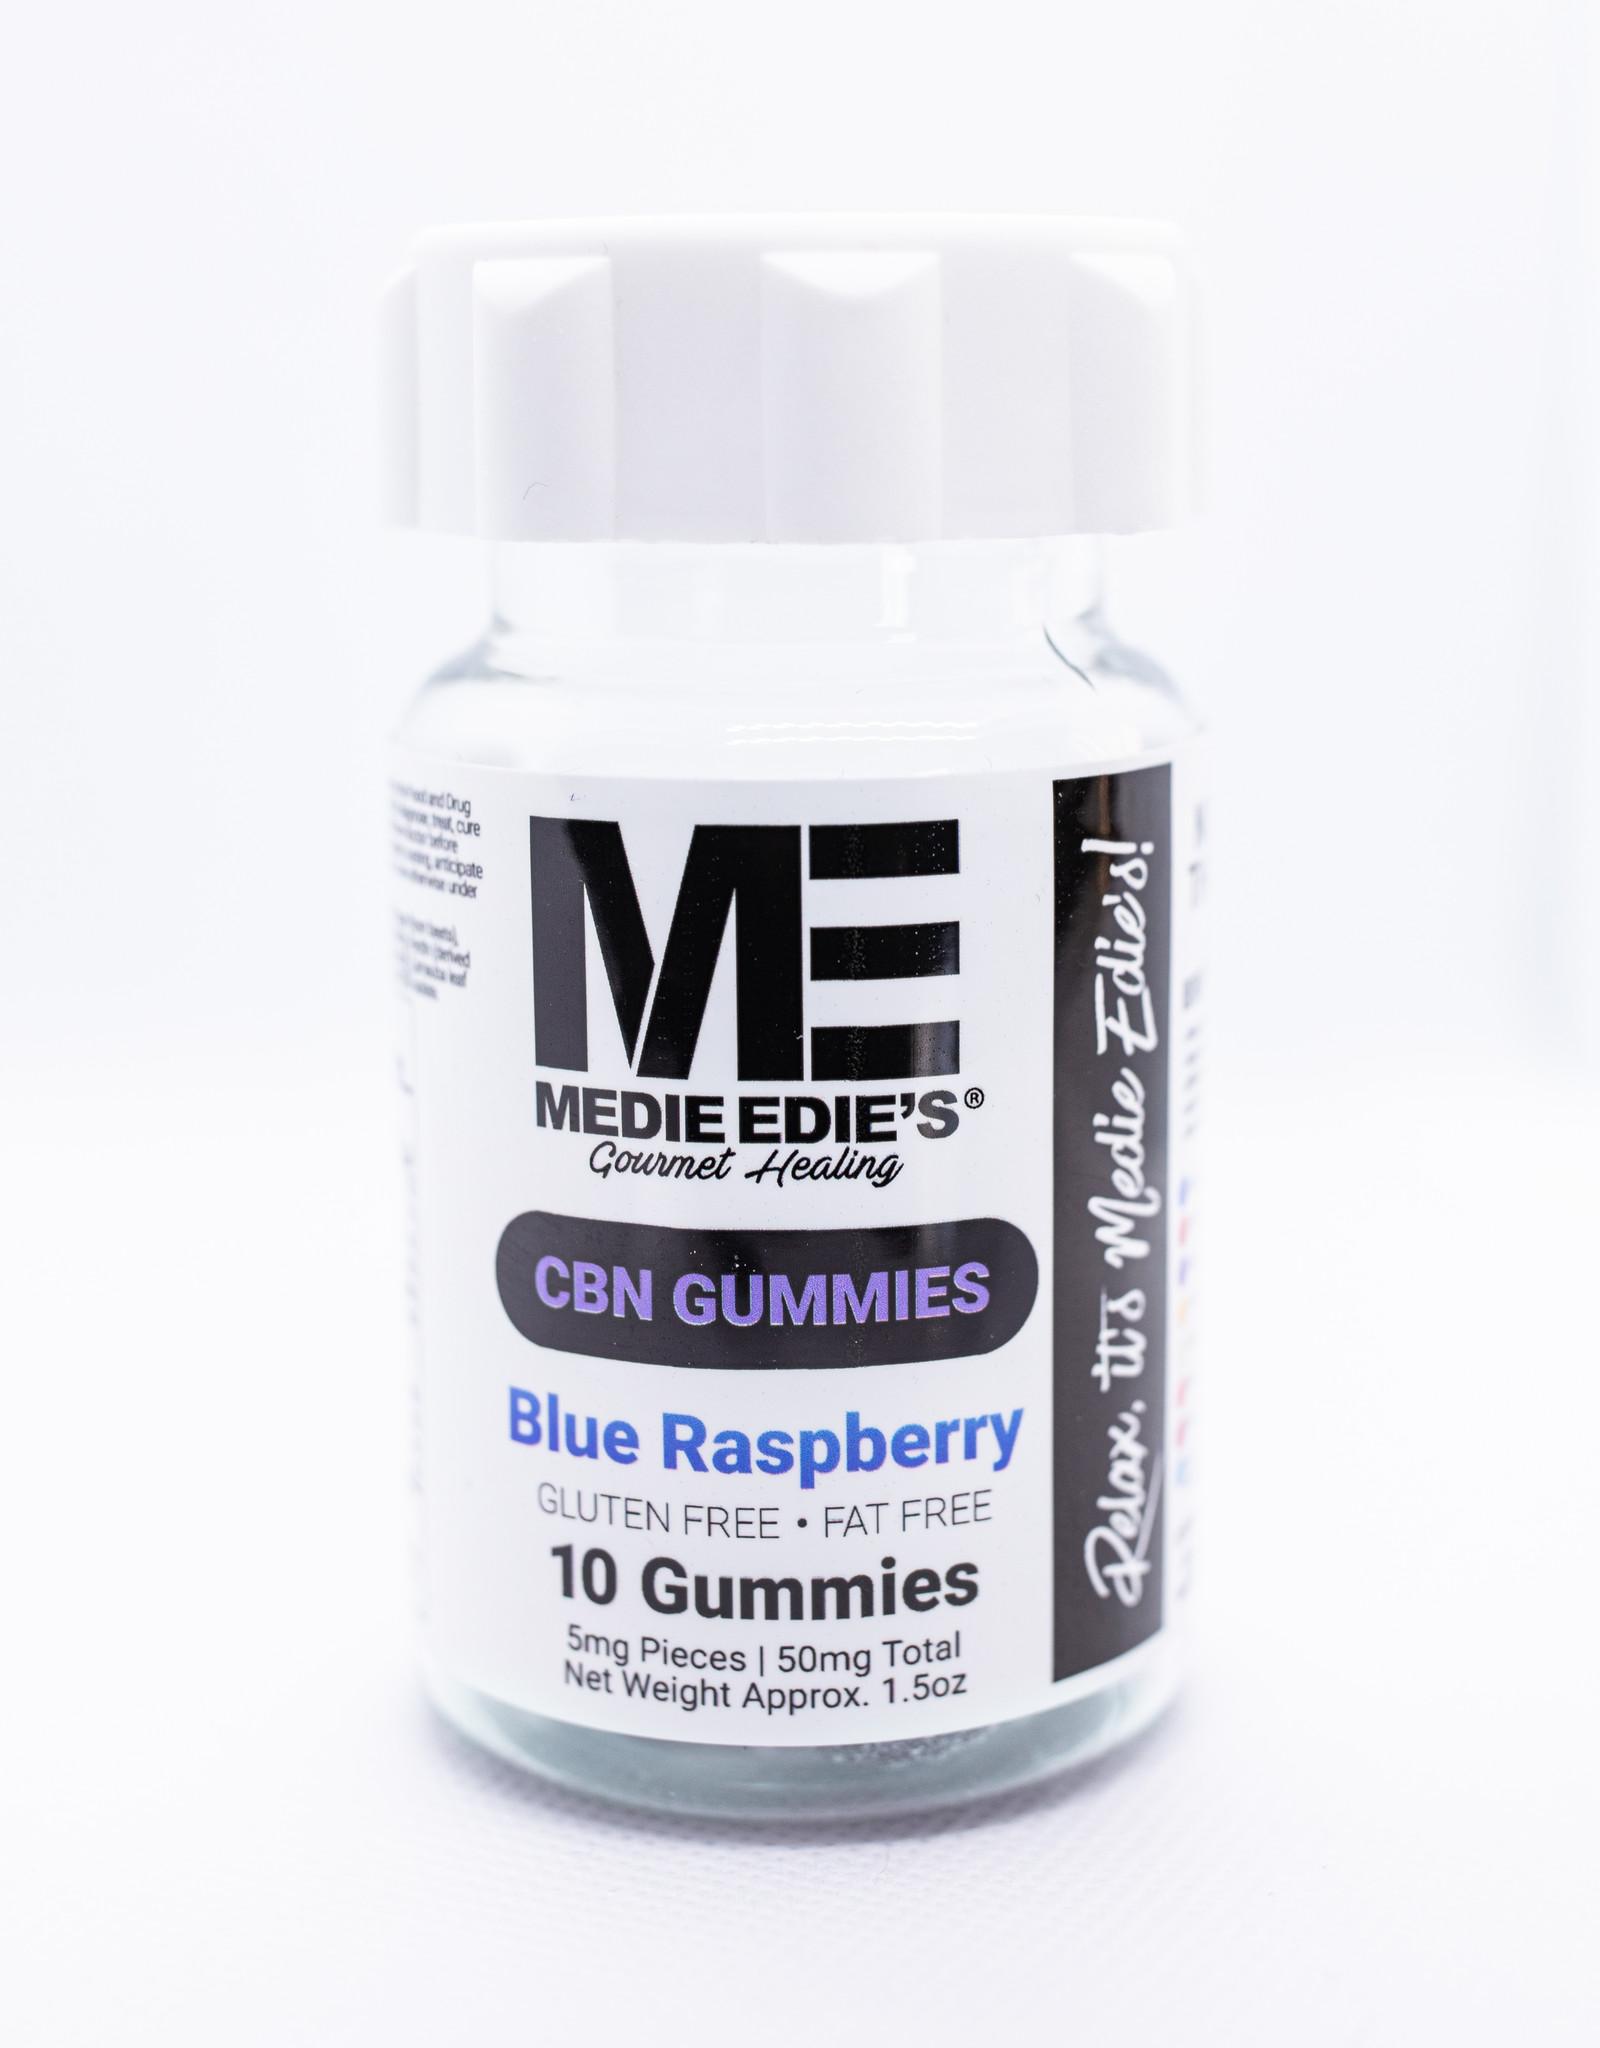 Medie Edie's Blue Raspberry CBN Gummies - 10ct/5mg/50mg